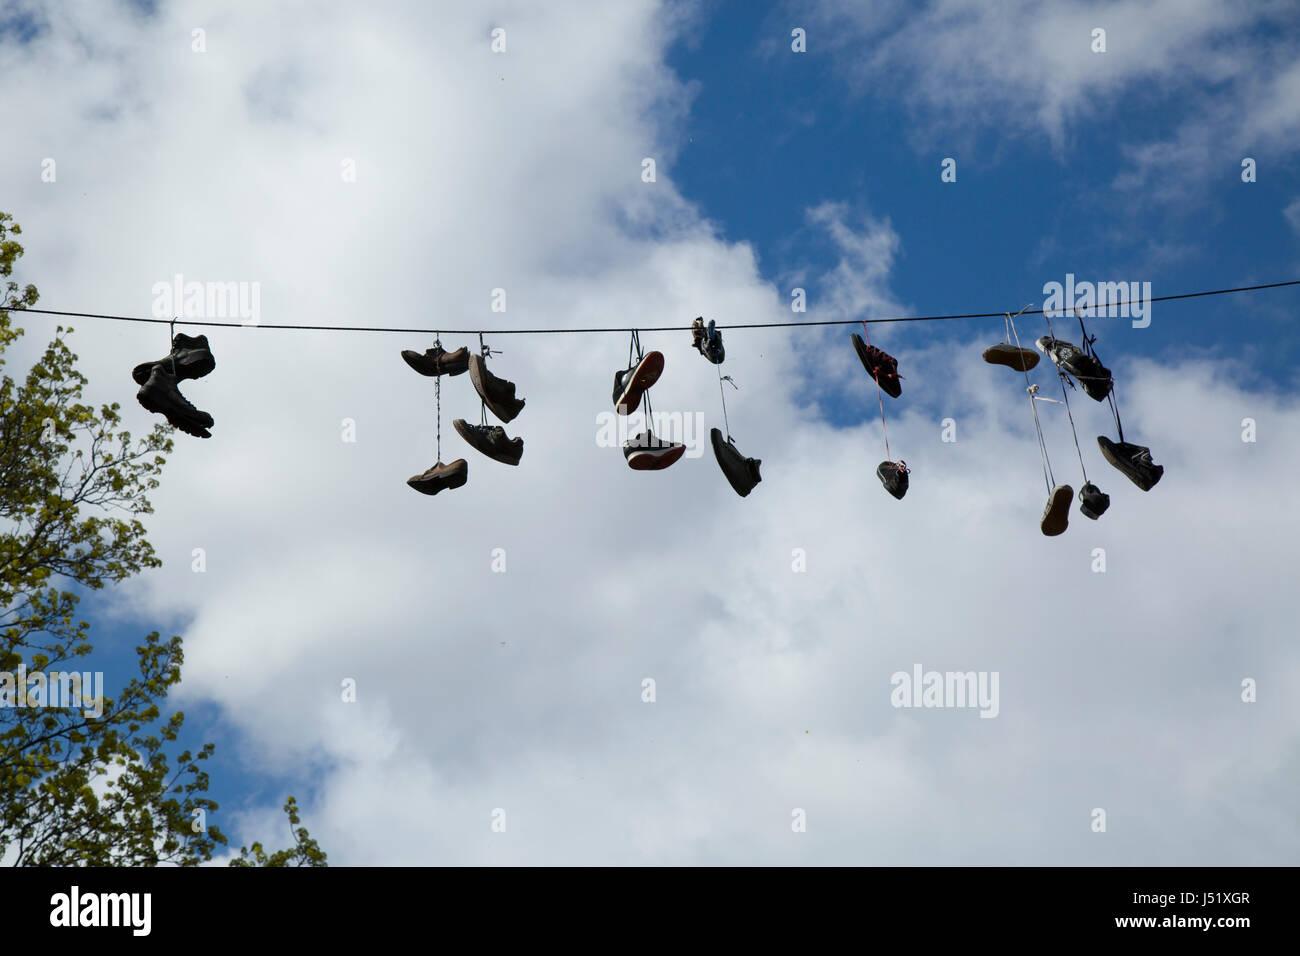 Schuhe und Stiefel, die über eine Straße auf einem